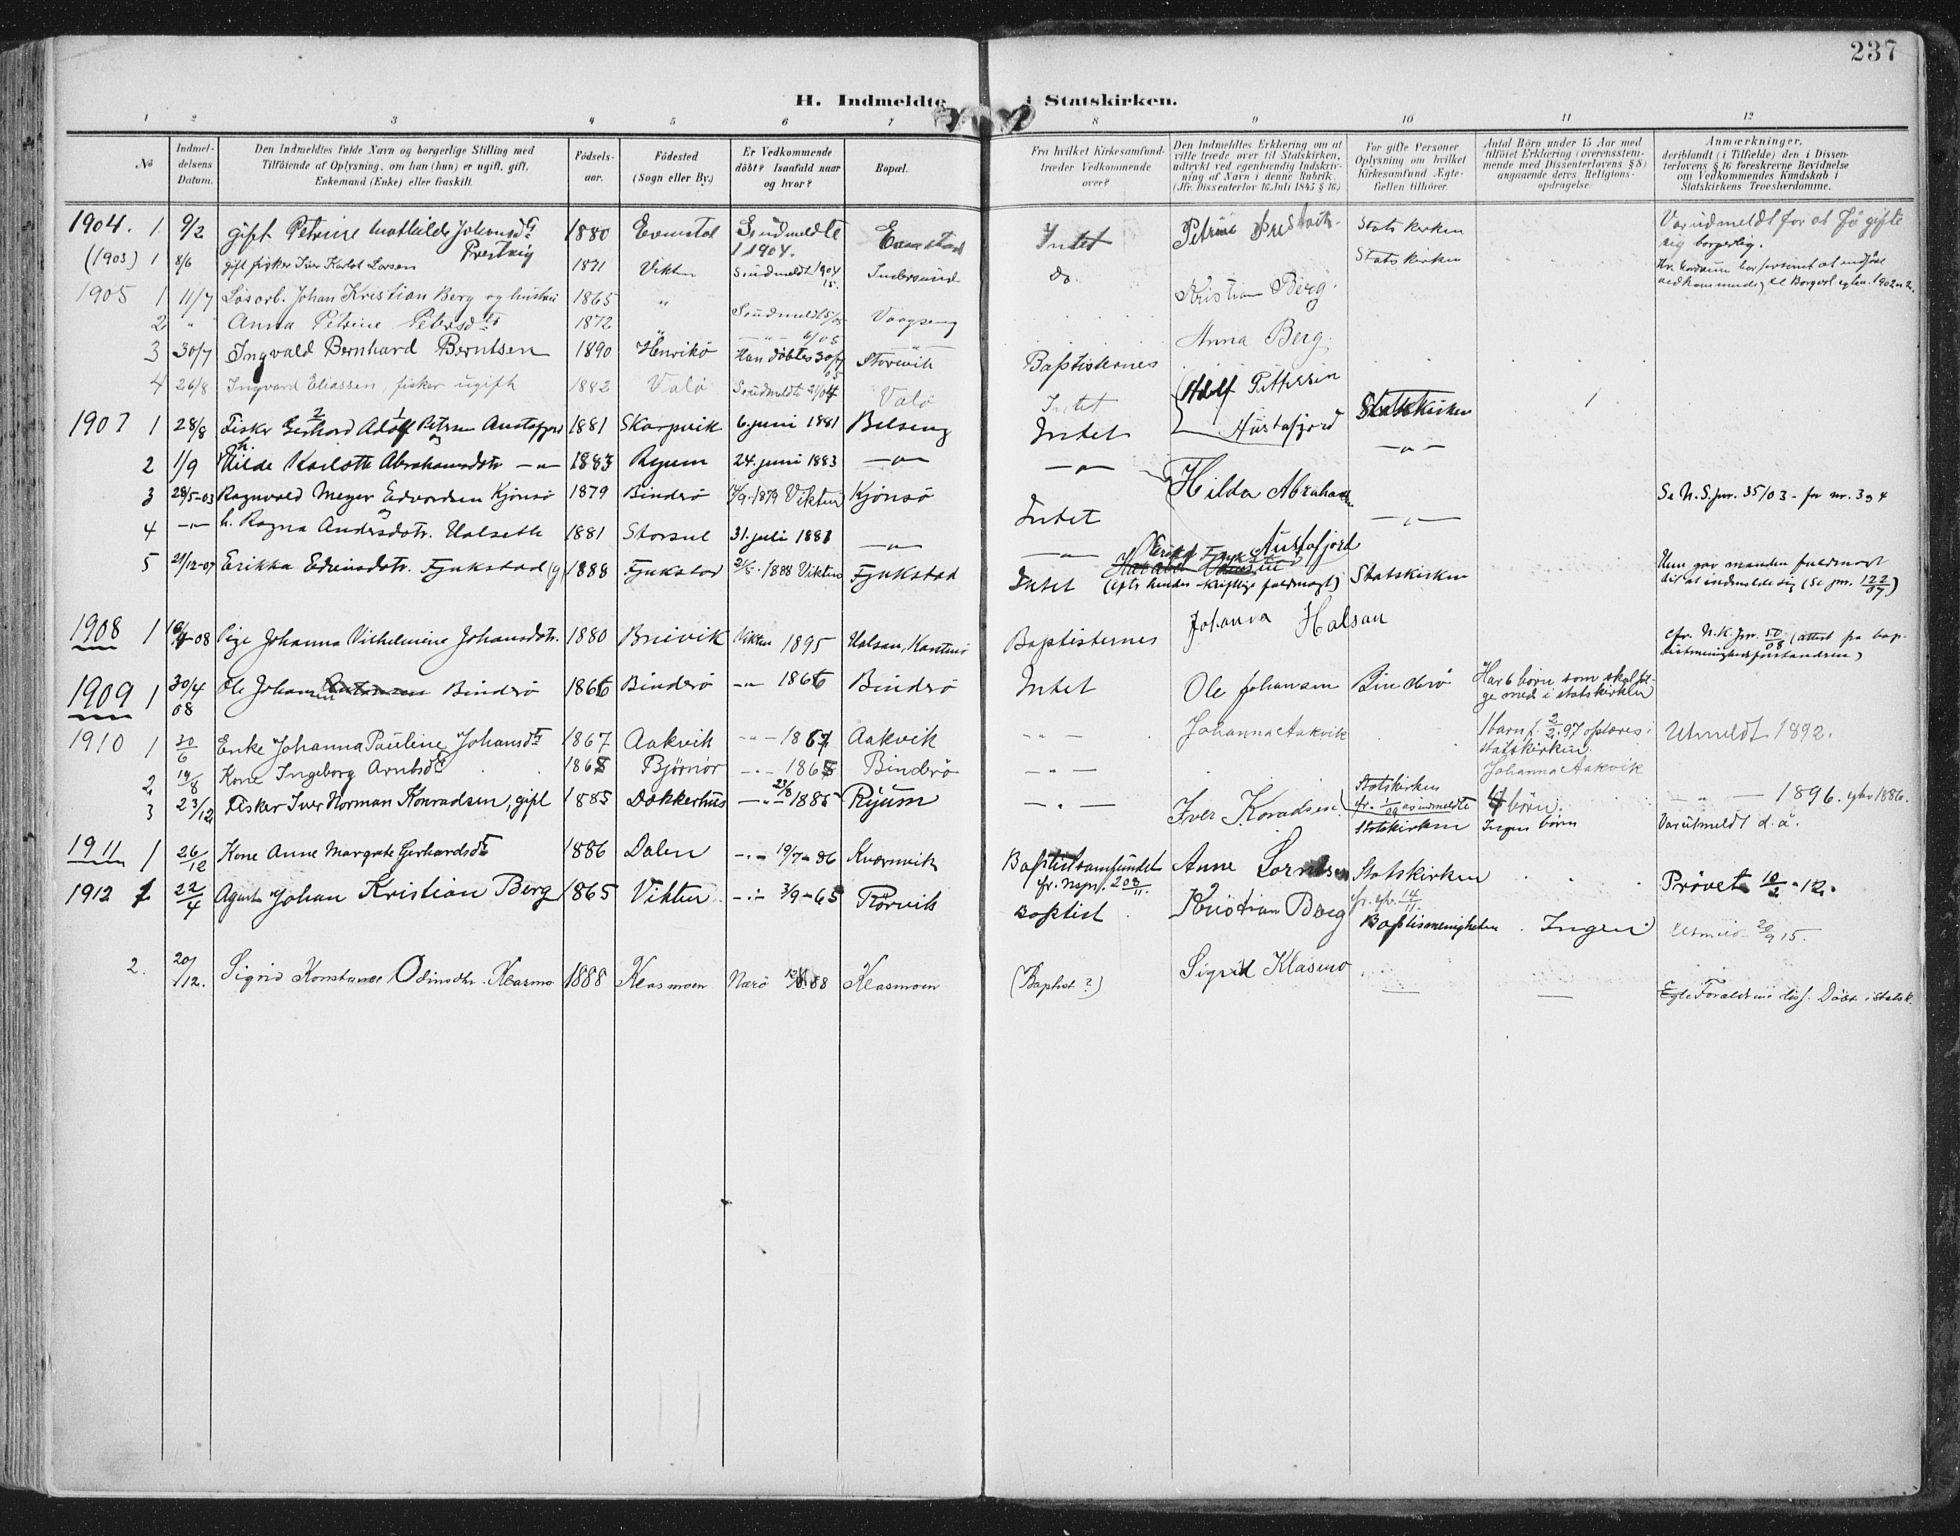 SAT, Ministerialprotokoller, klokkerbøker og fødselsregistre - Nord-Trøndelag, 786/L0688: Ministerialbok nr. 786A04, 1899-1912, s. 237